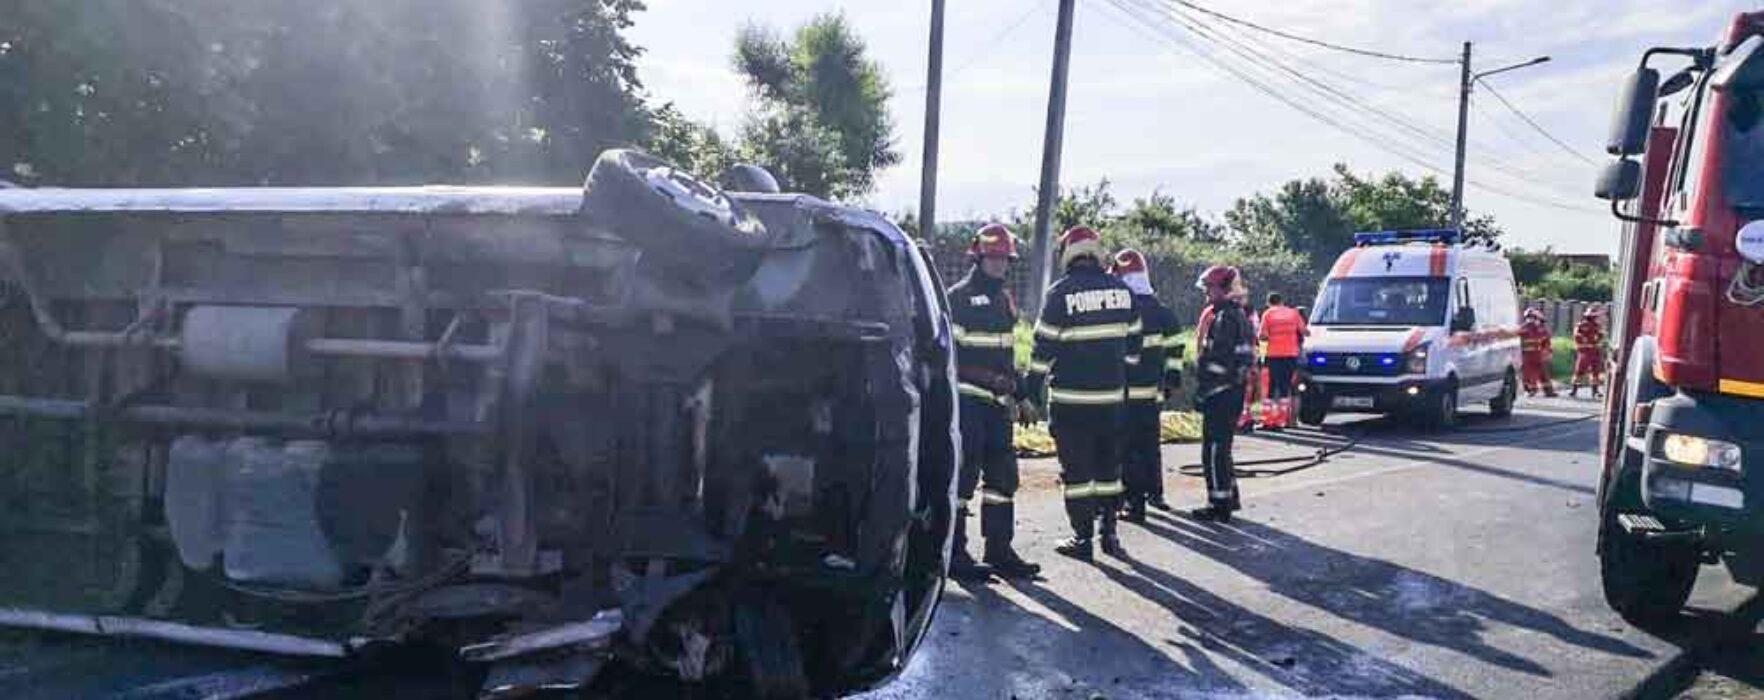 Dâmboviţa: Copiii din microbuzul răsturnat la Aninoasa purtau centura de siguranţă